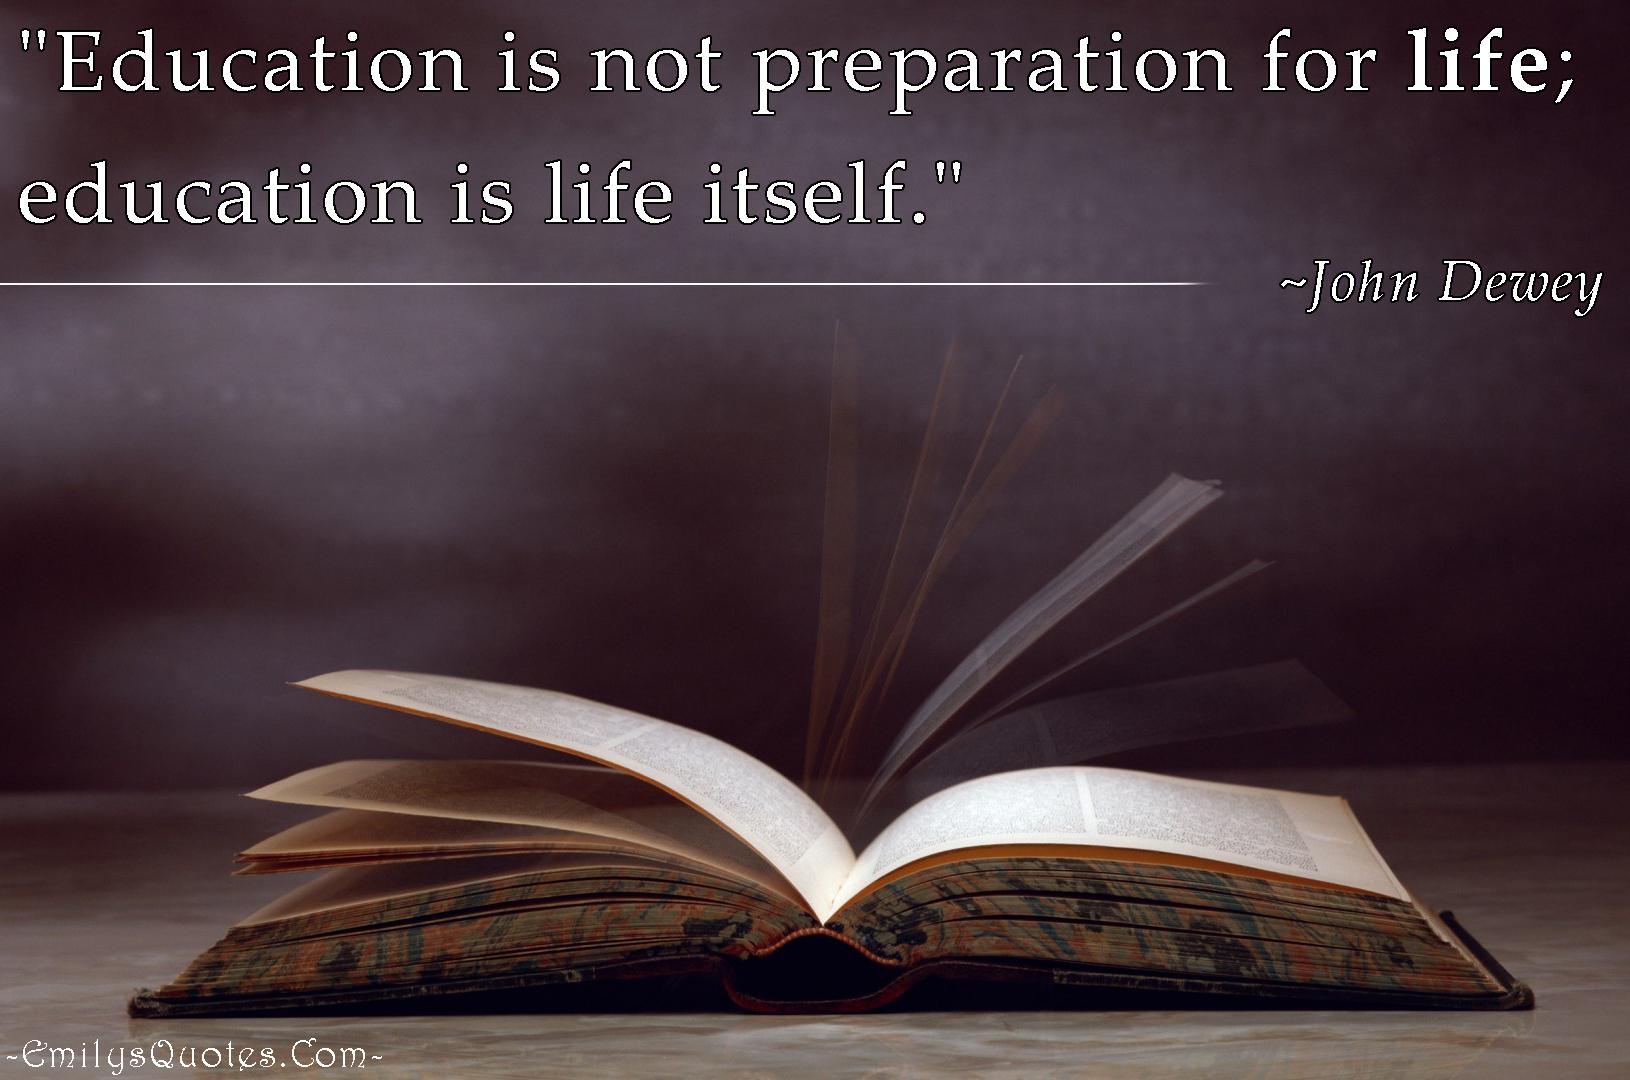 EmilysQuotes.Com - education, preparation, life, John Dewey, amazing, great, intelligence